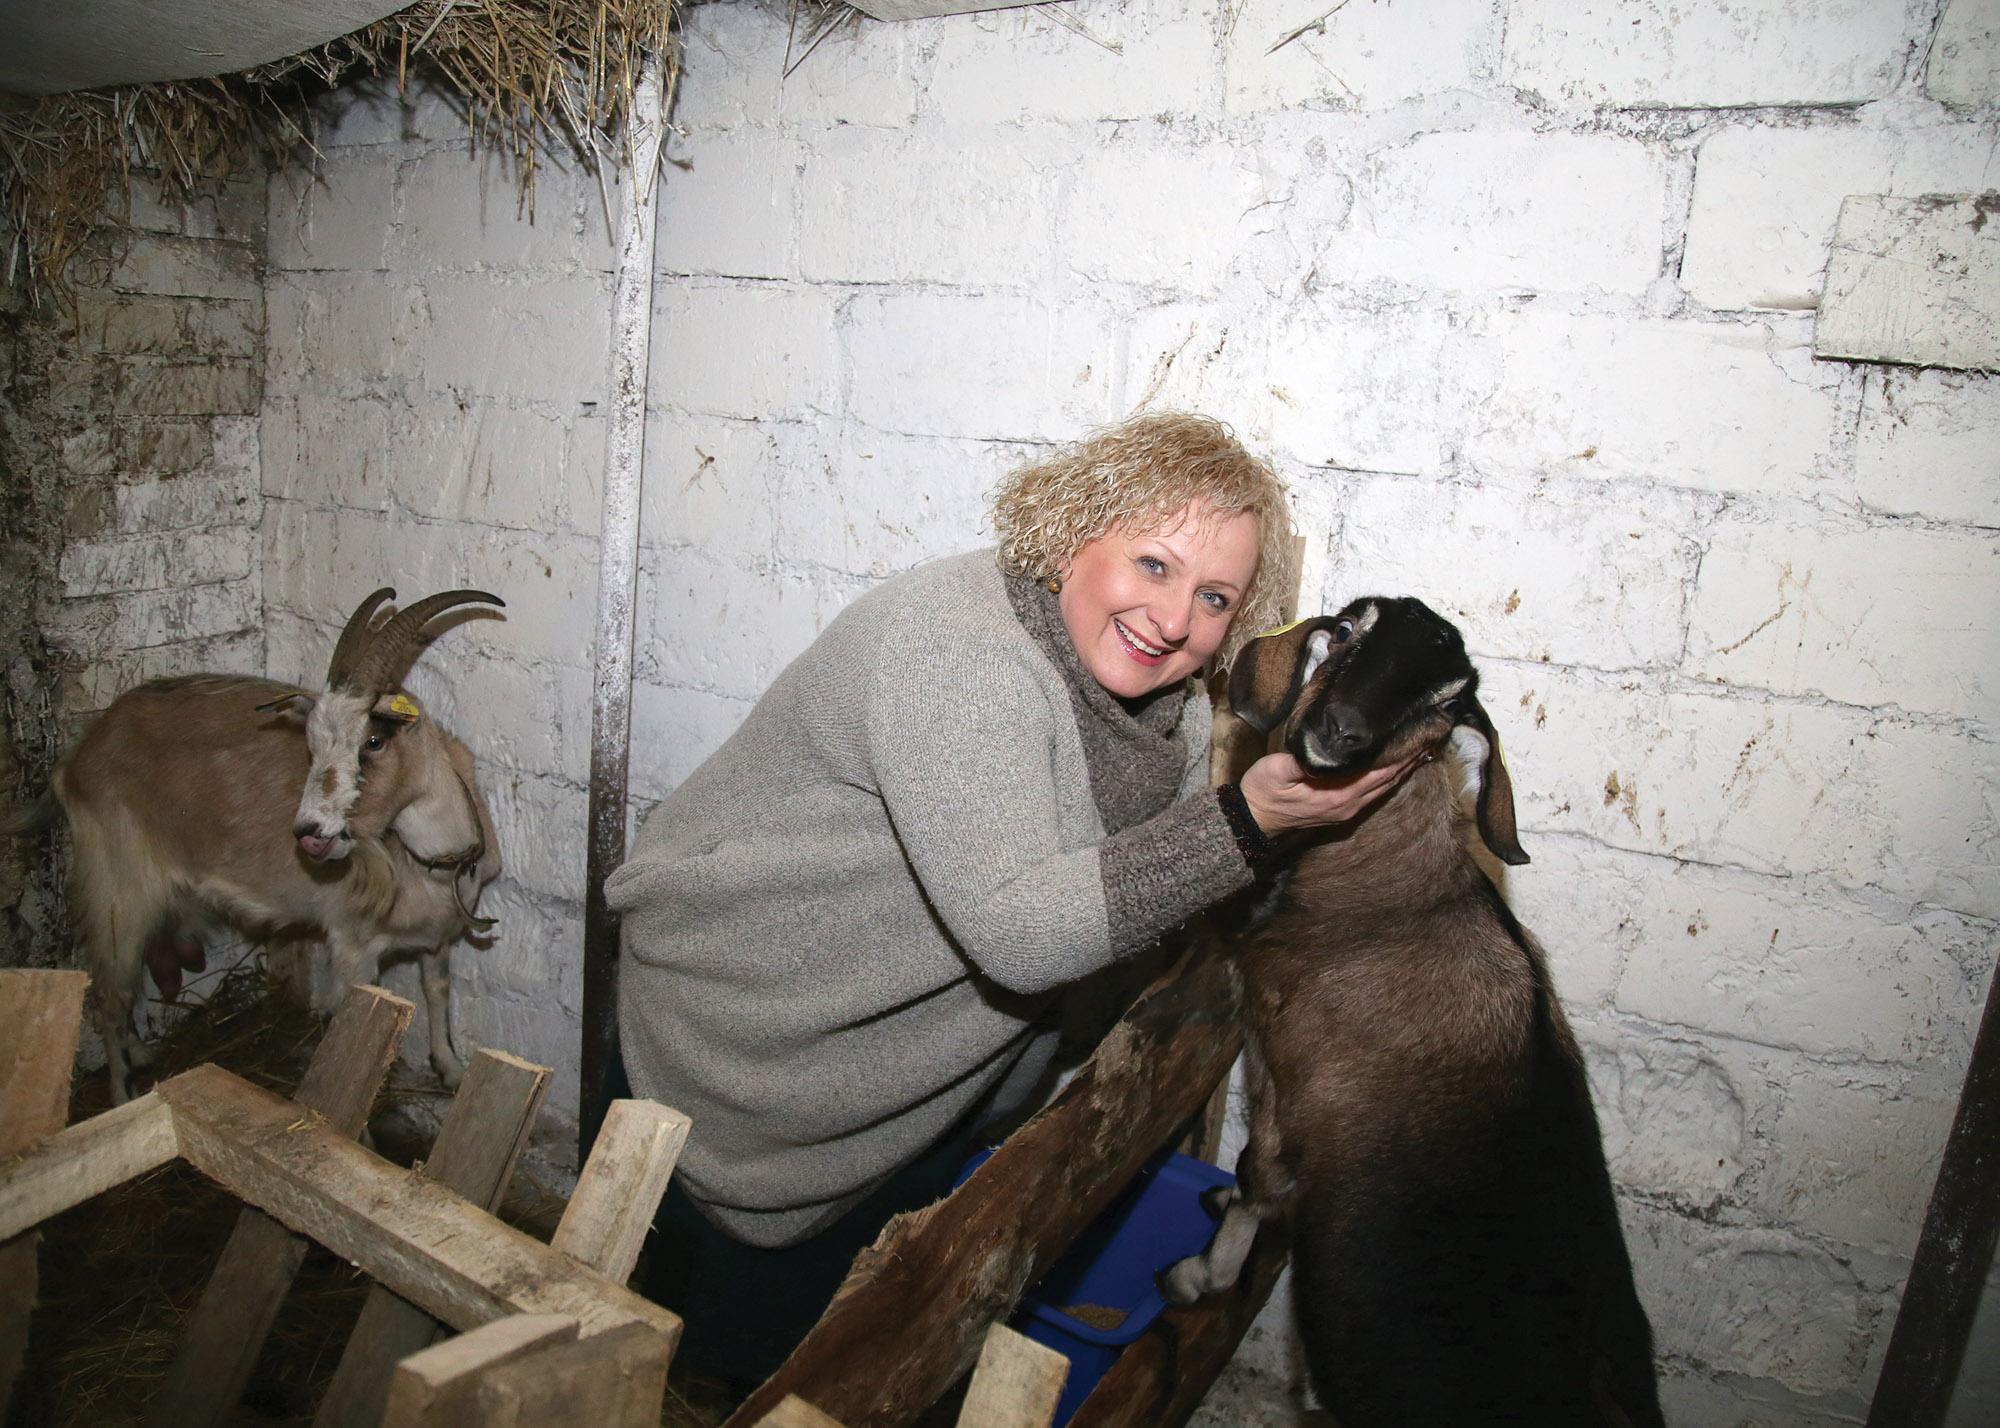 Namuose moteris rūpinasi ne tik šeimos nariais, bet ir gausiu bei mylimu ūkiu: ožkytėmis, kačiukais ir šuniukais./ G. Minelgaitės-Dautorės nuotr.